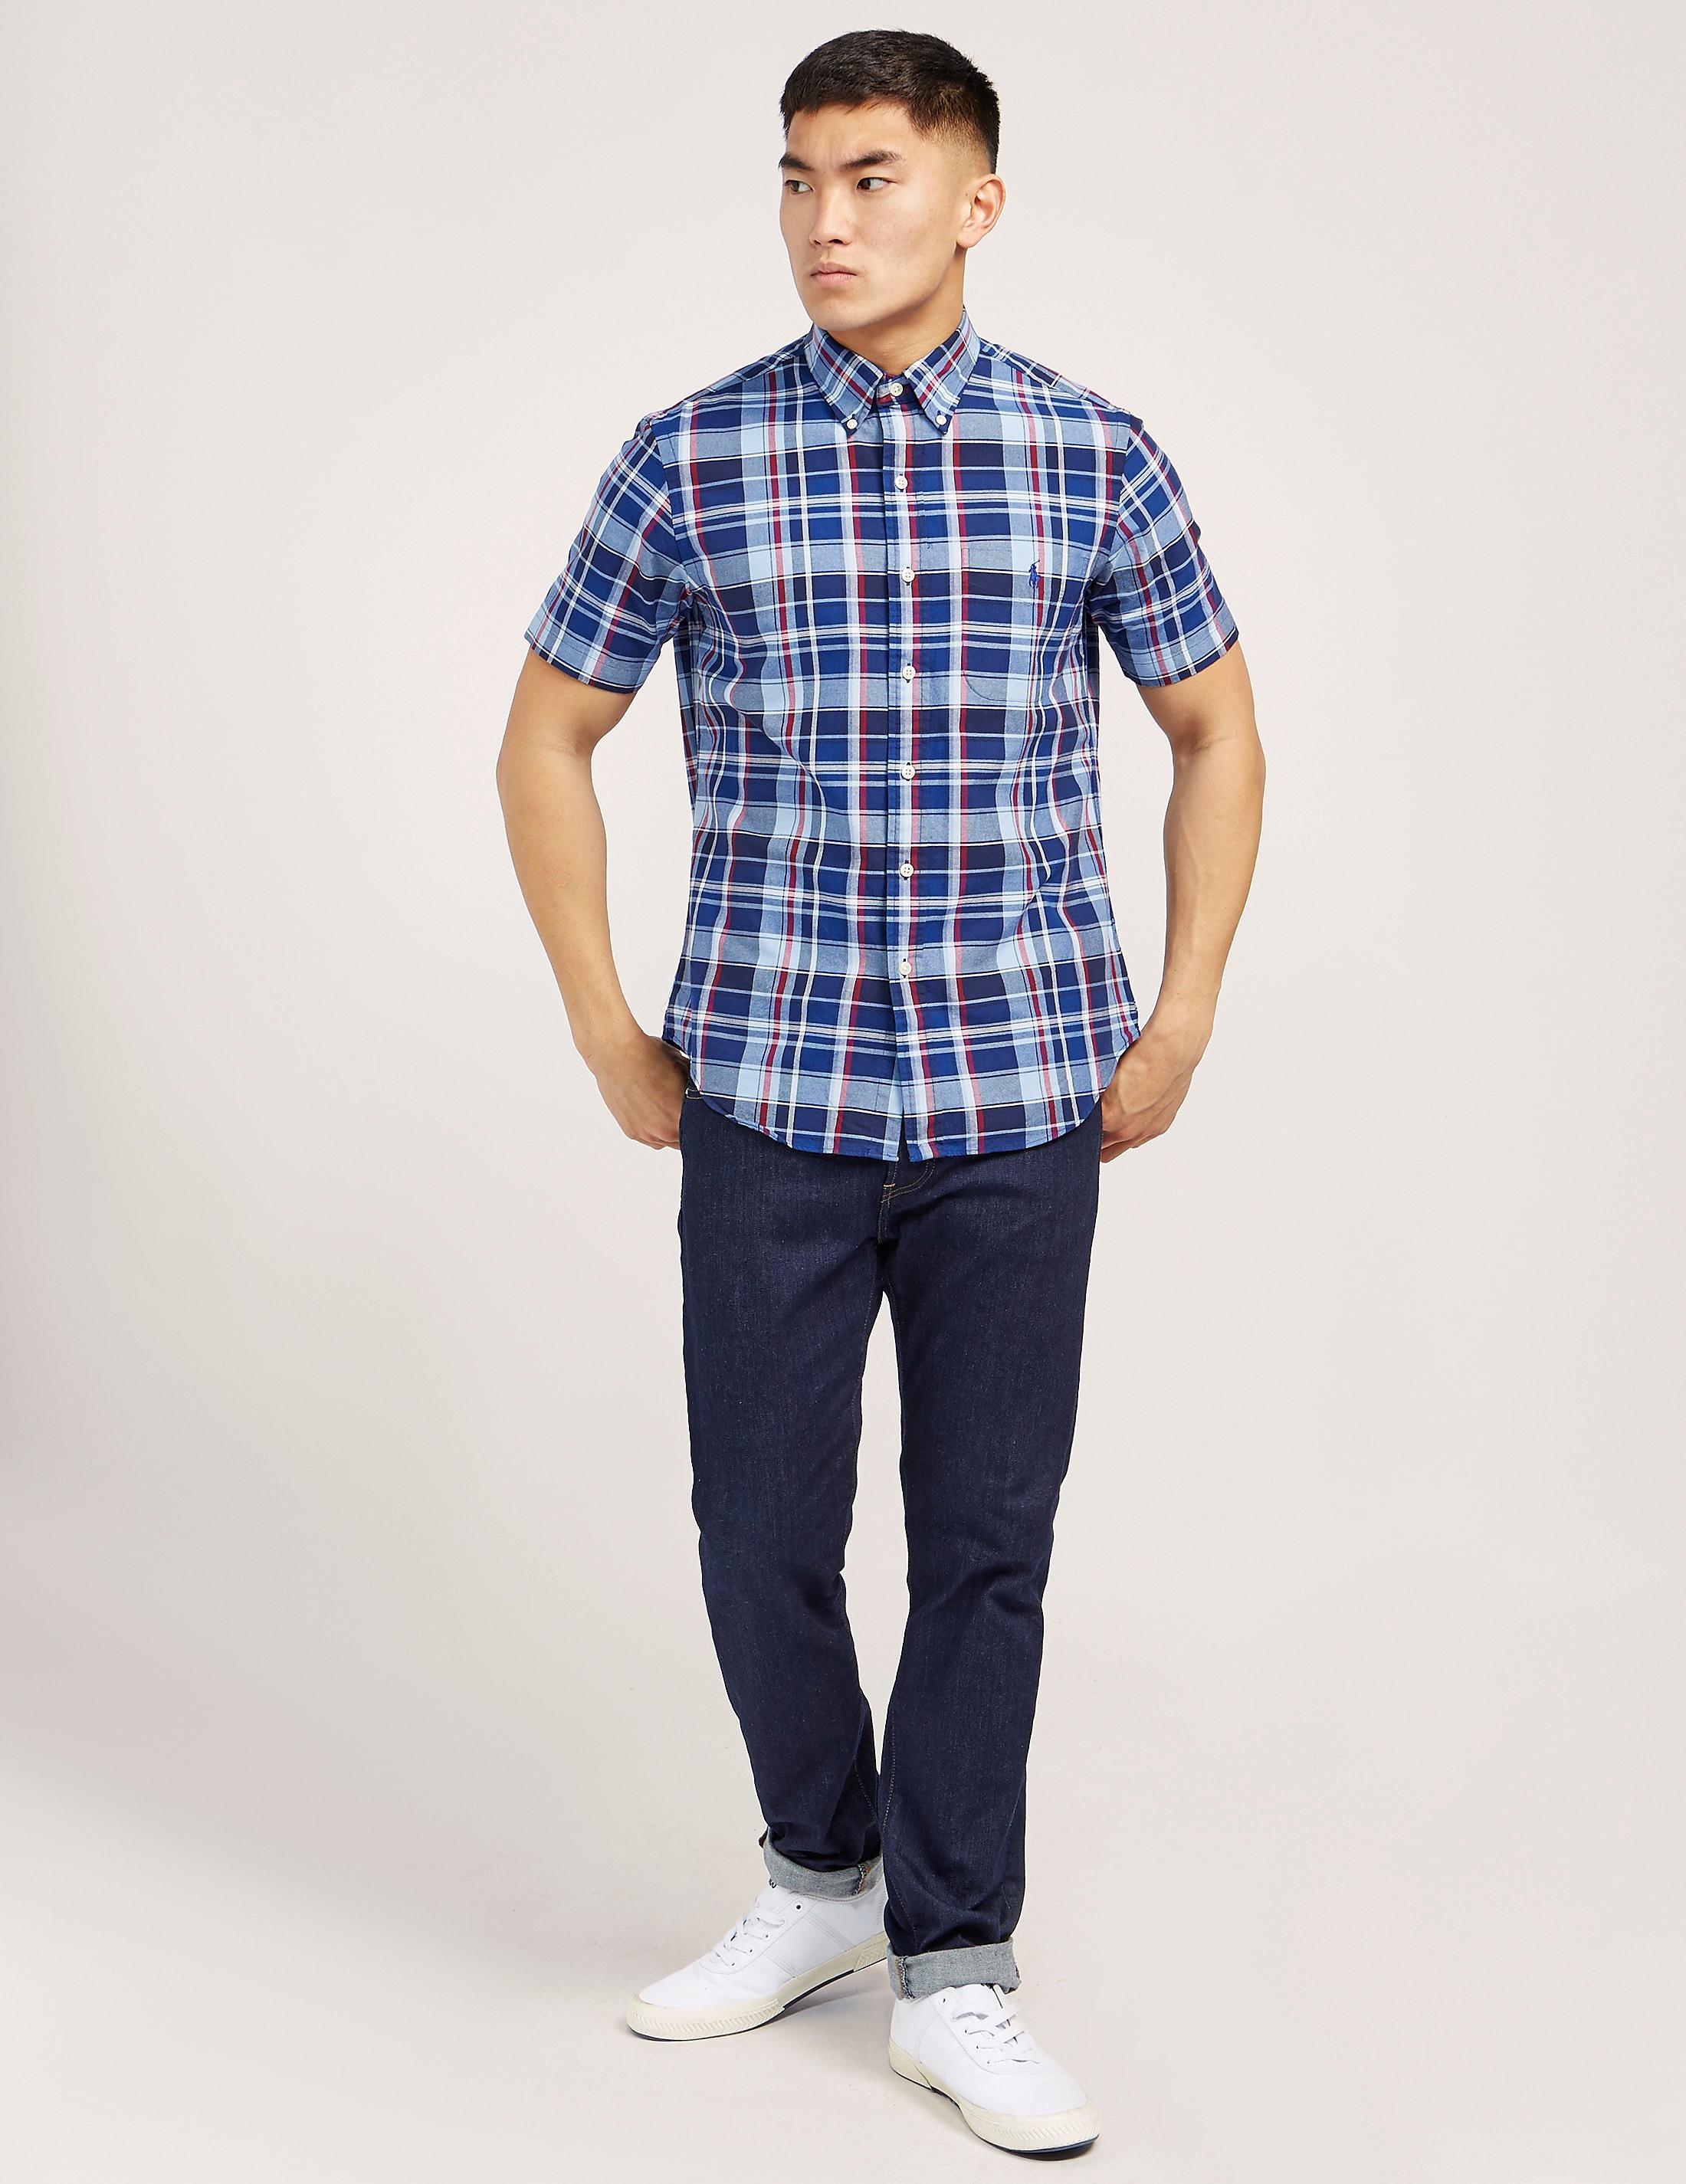 Polo Ralph Lauren Check Short Sleeve Shirt